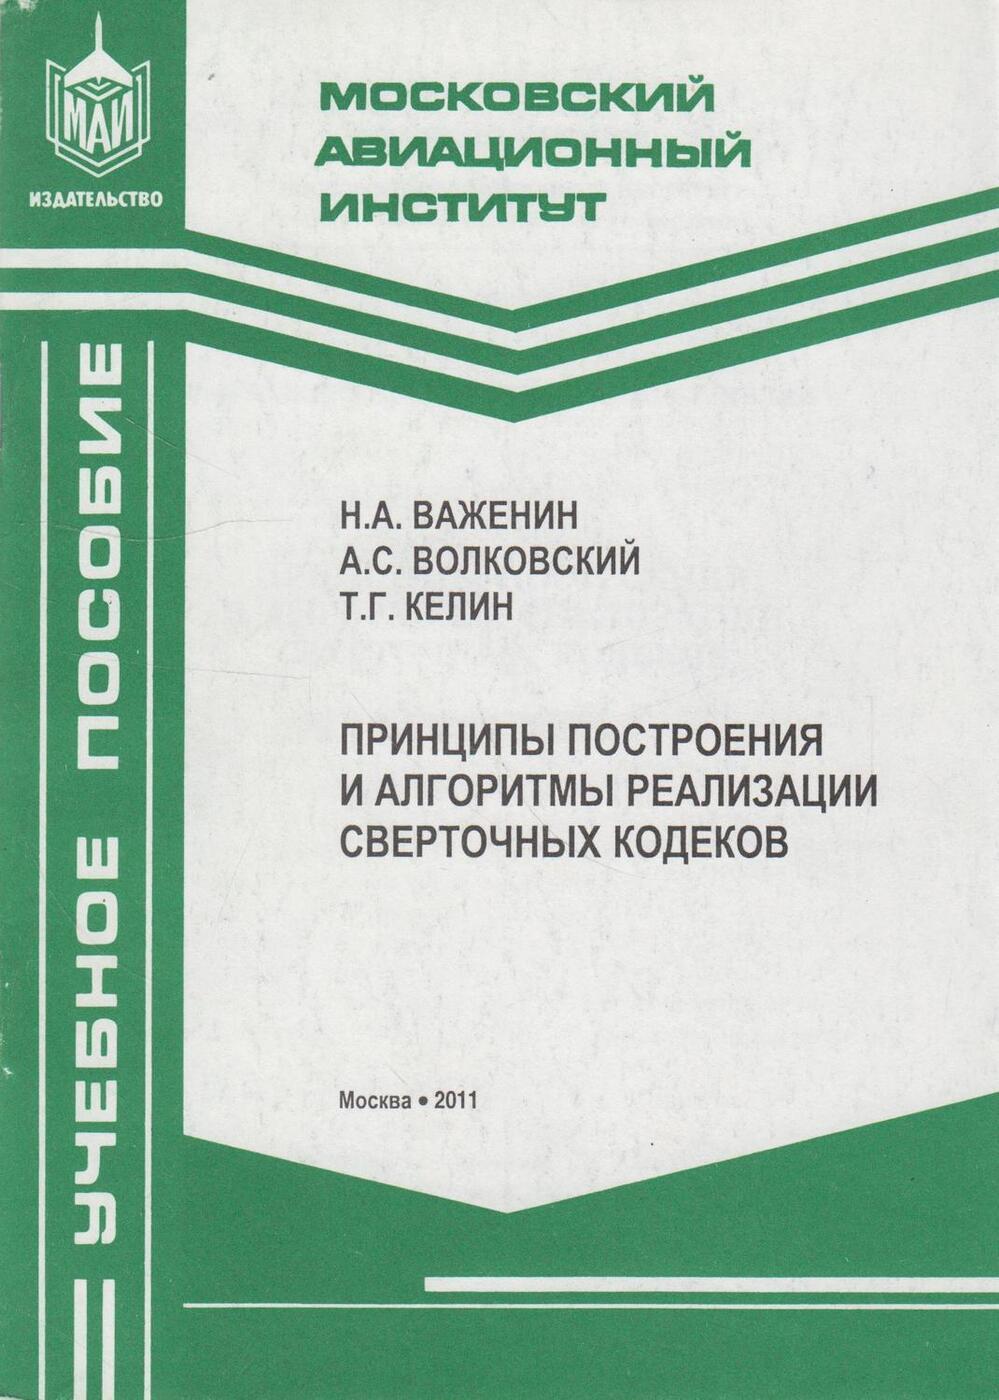 Важенин Николай Афанасьевич. Принципы построения и алгоритмы реализации сверточных кодеков